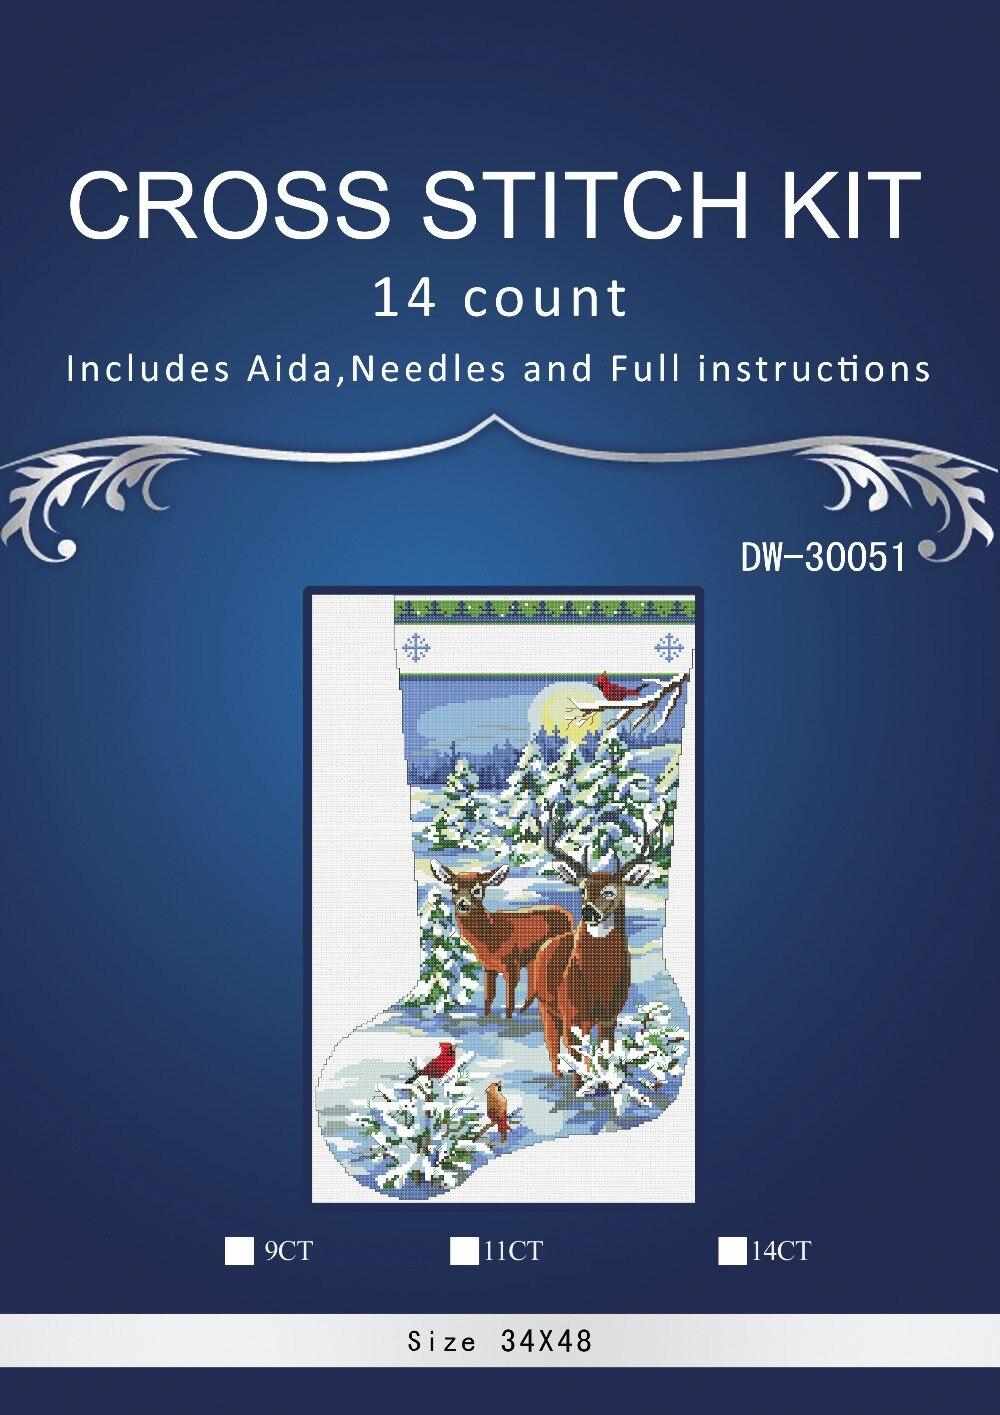 Vánoční ponožka 30051 STYLE Křížový steh s počítáním 14CT Sady velkoobchodních kreseb Soupravy s křížovým stehem Vyšívání Vyšívání